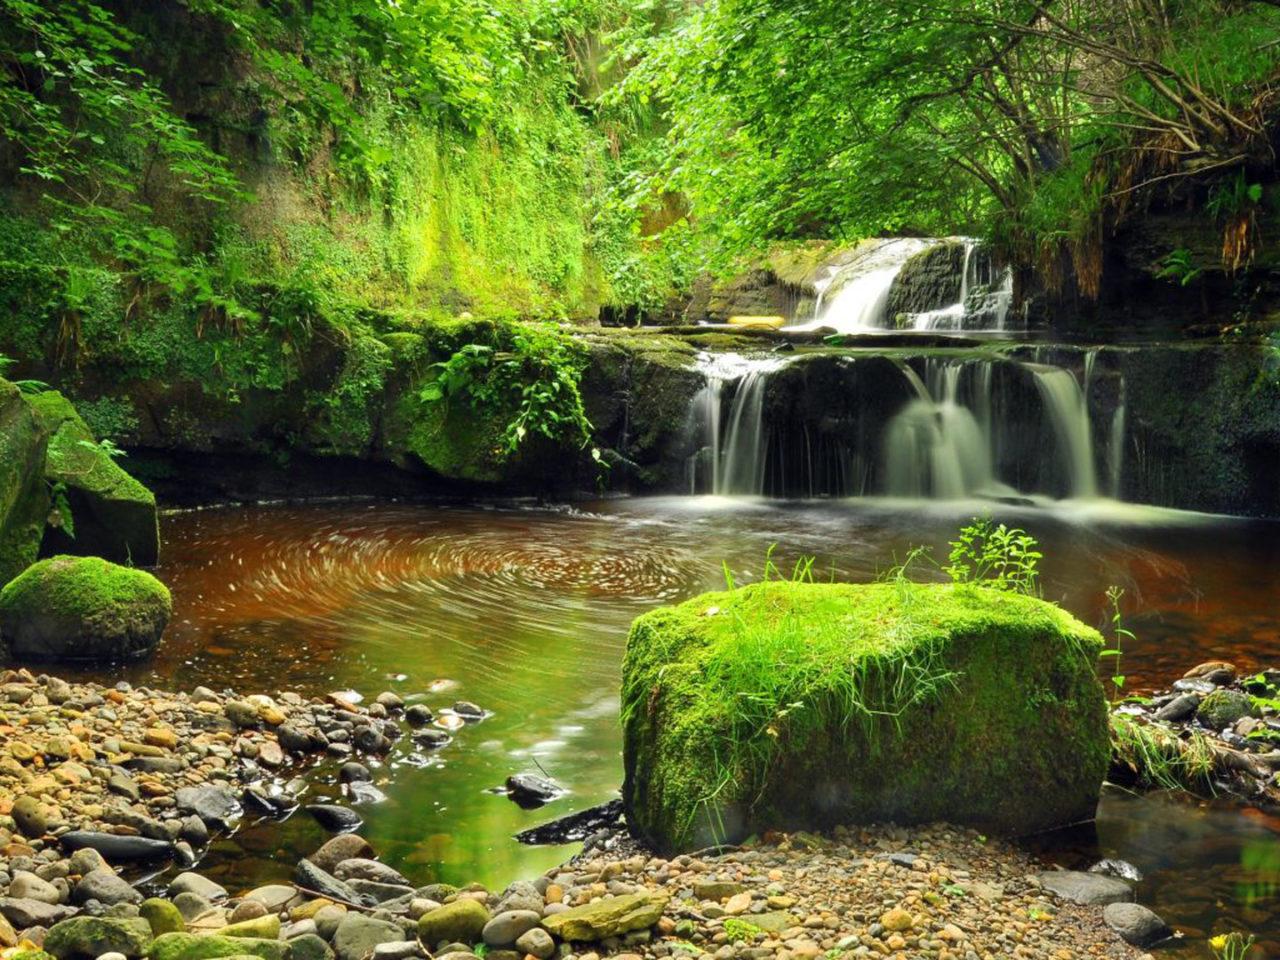 Free Desktop Wallpaper Niagara Falls Waterfall Stream Pond Cascades Gravel Rocks Green Moss